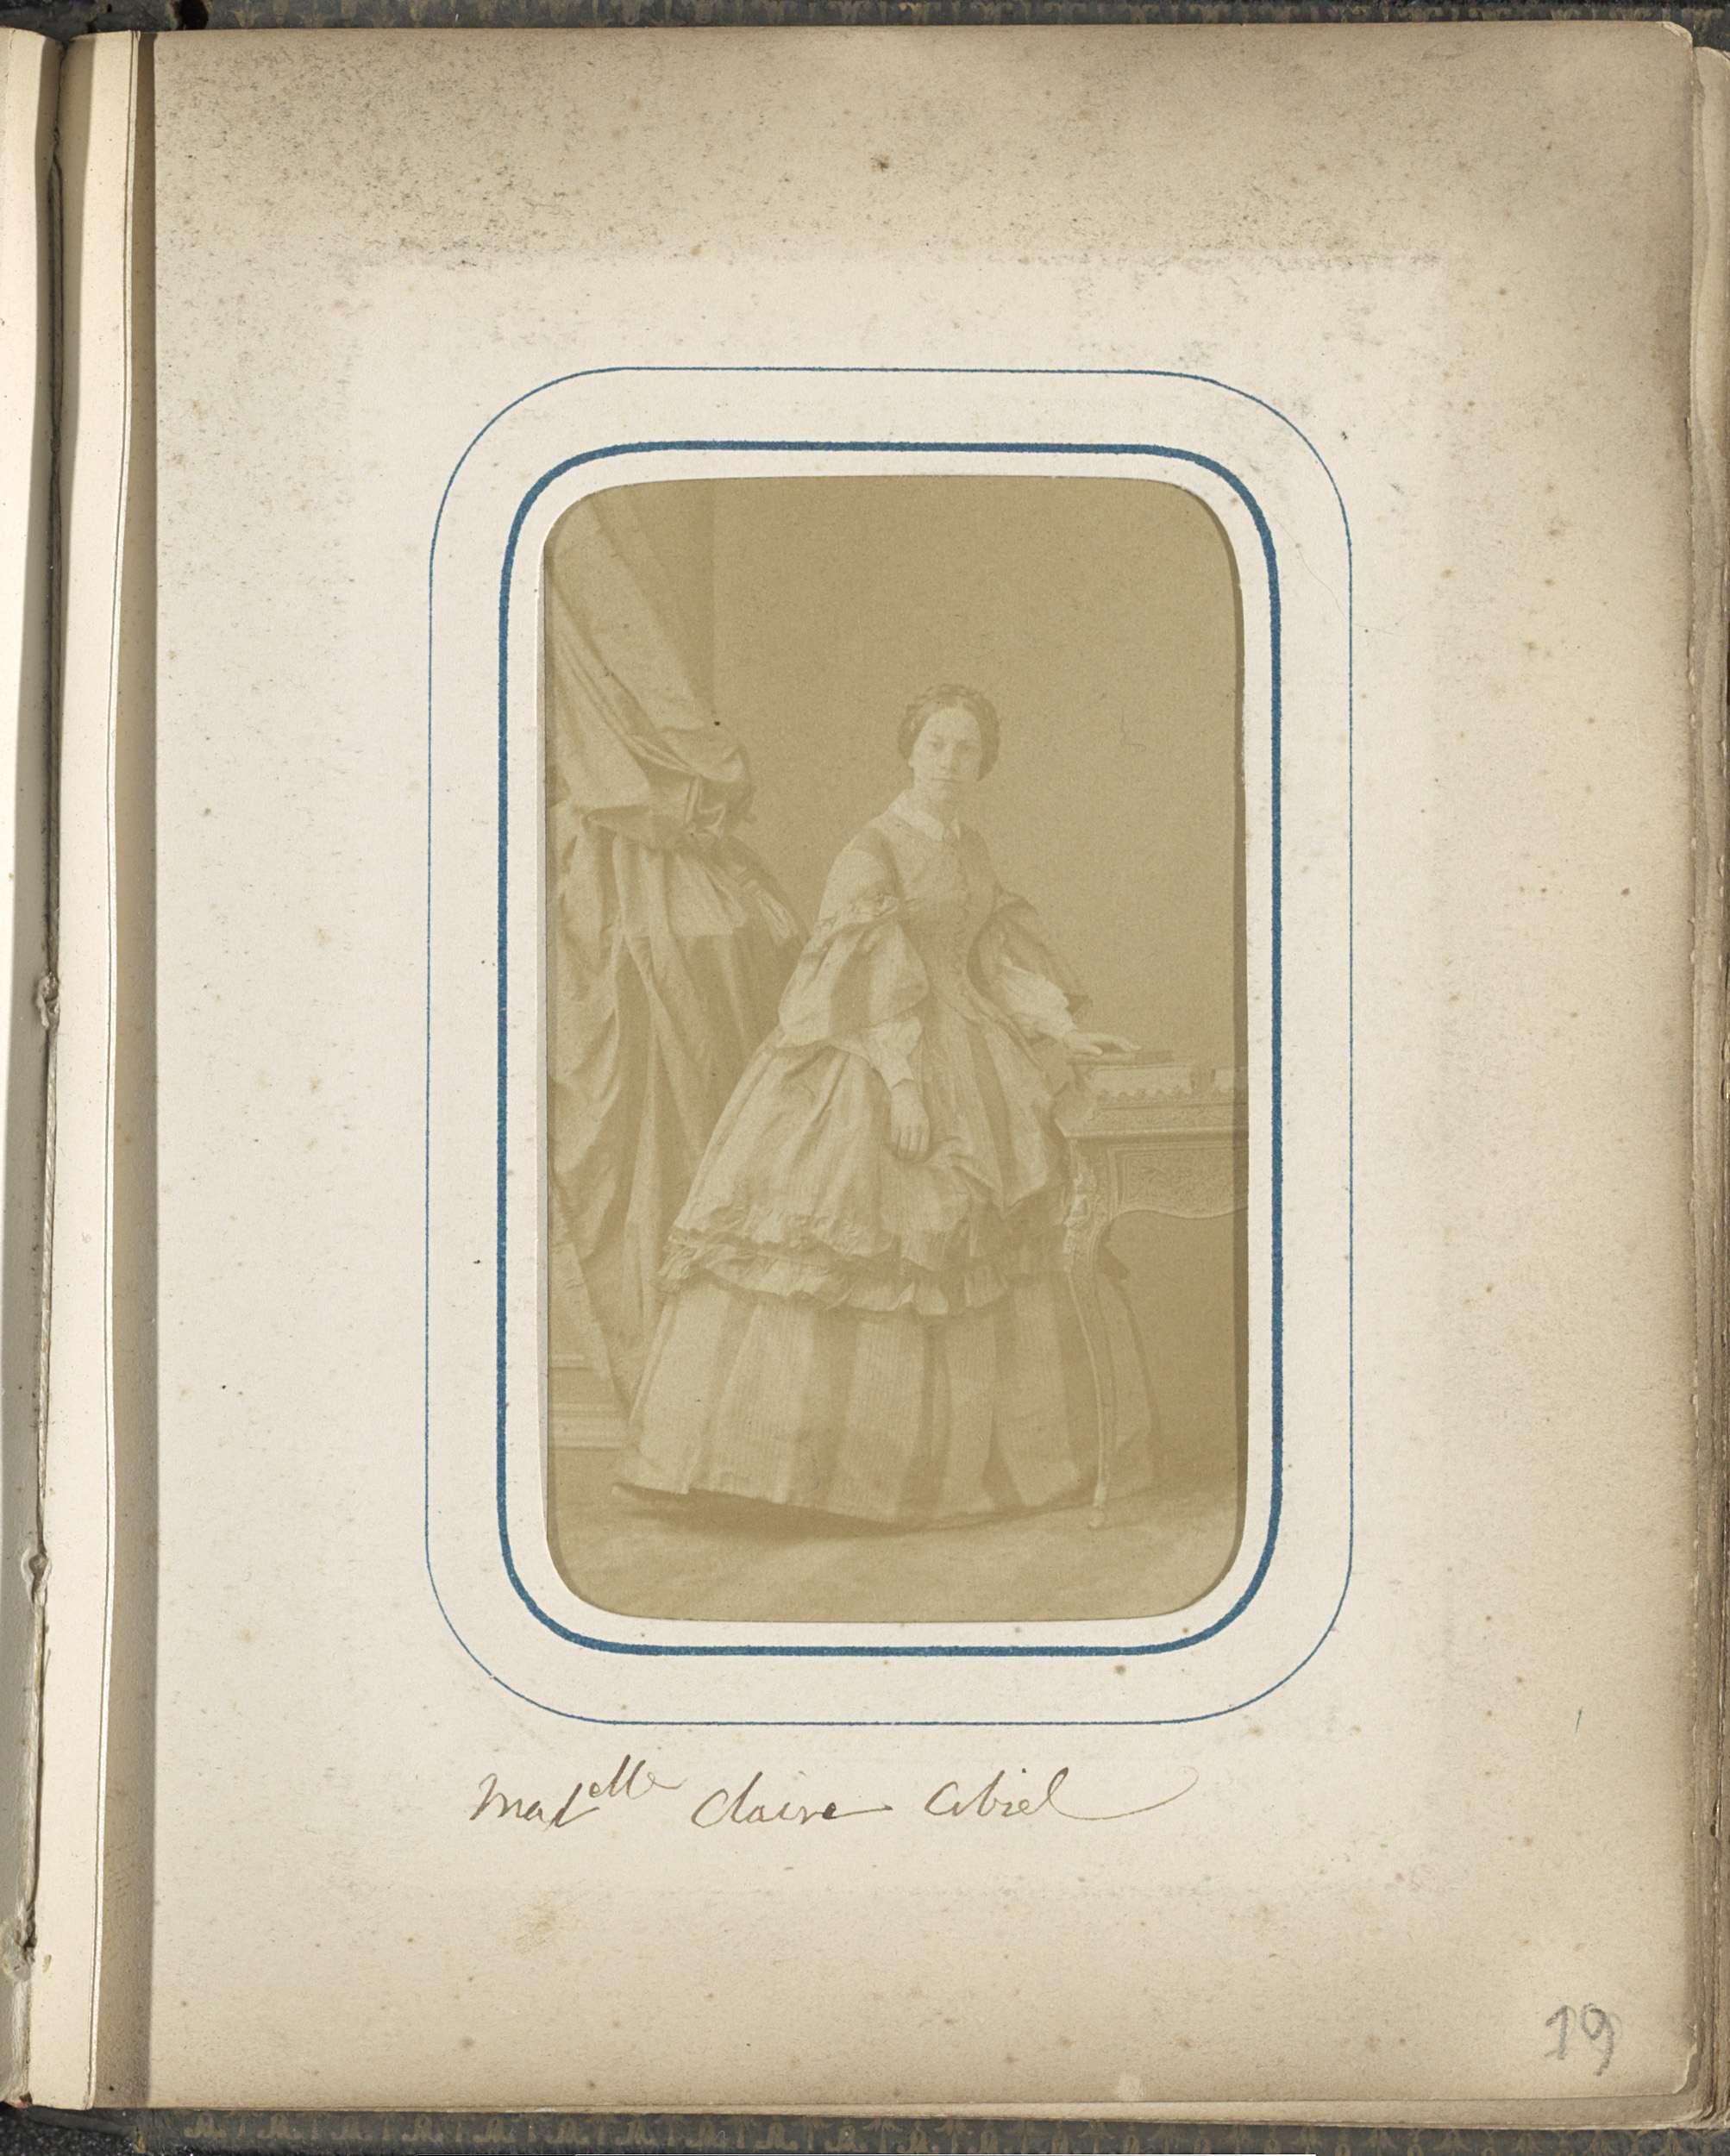 Disdéri & Co. | Portret van Claire Cibiel, Disdéri & Co., c. 1860 - c. 1865 | Onderdeel van Fotoalbum met 24 cartes-de-visite van Franse personen.